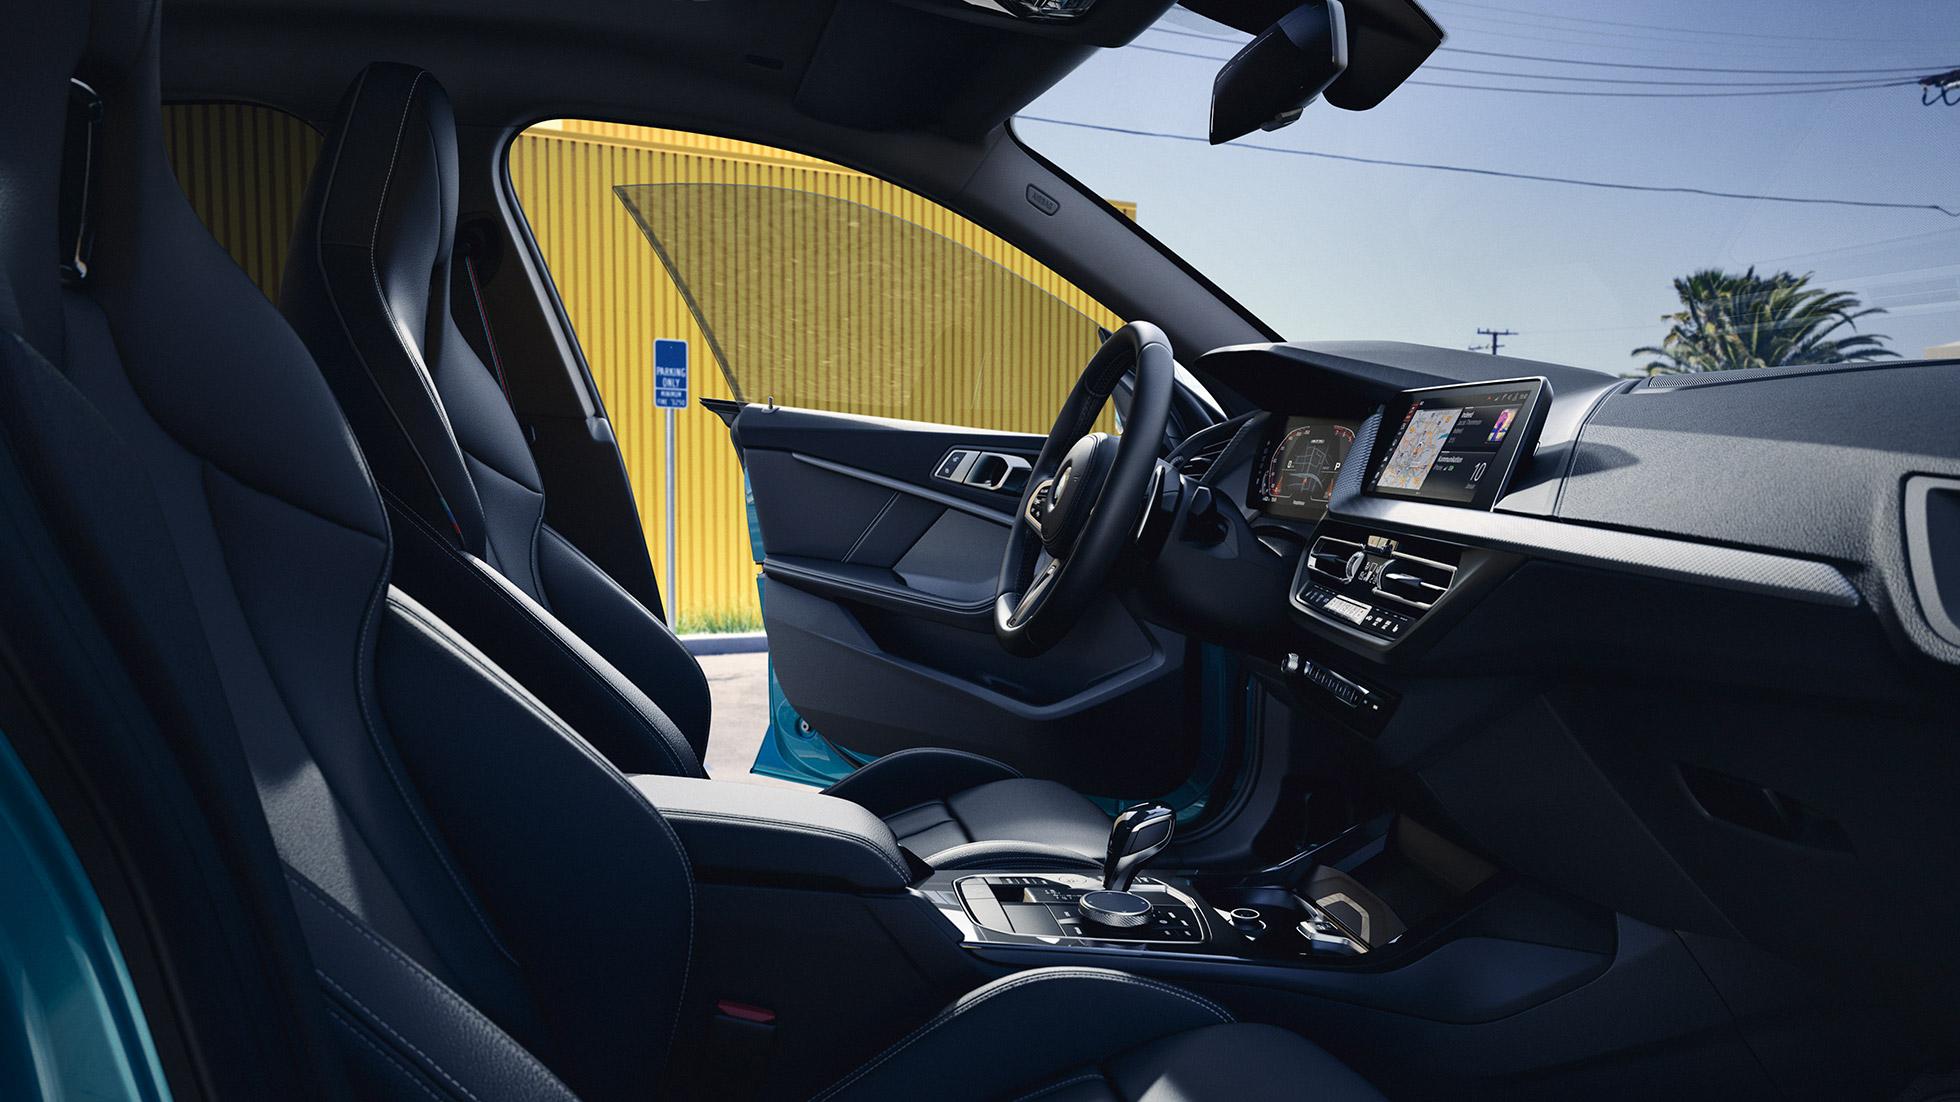 2 series gran coupe interior.jpg (401 KB)